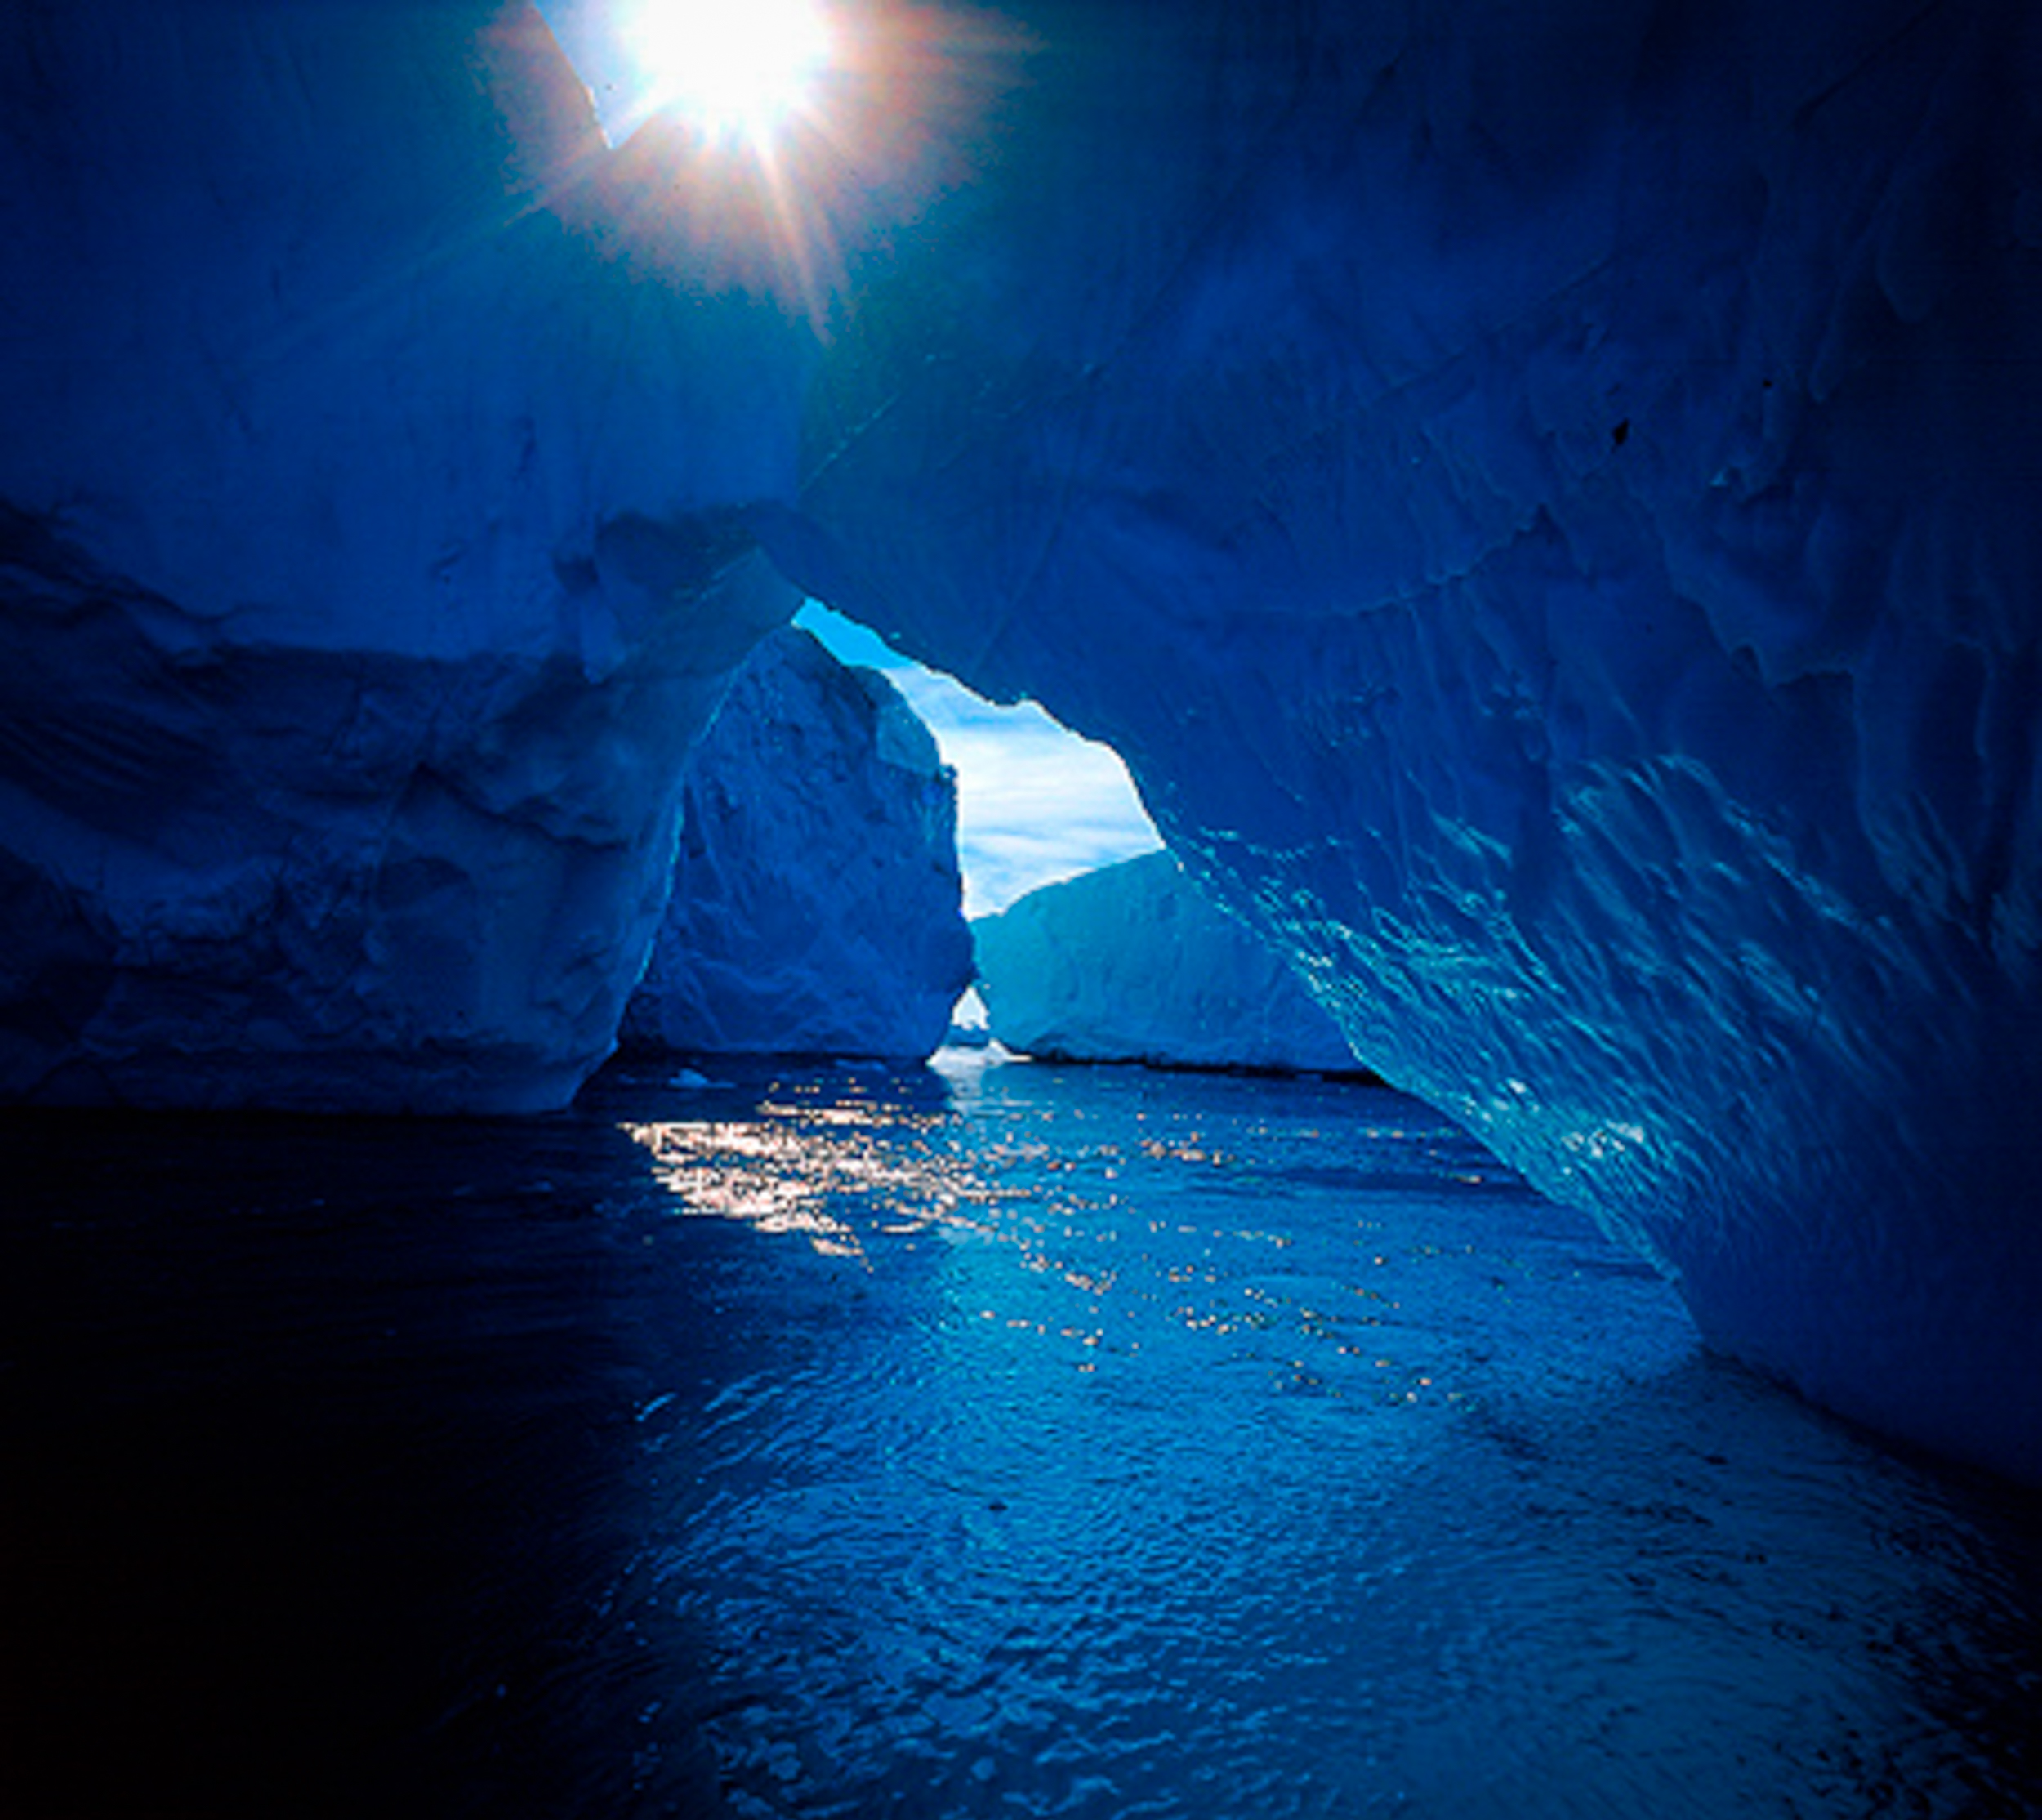 Icebergs Ilulissat Greenland JONAA ©Kristjan Fridriksson-.jpg